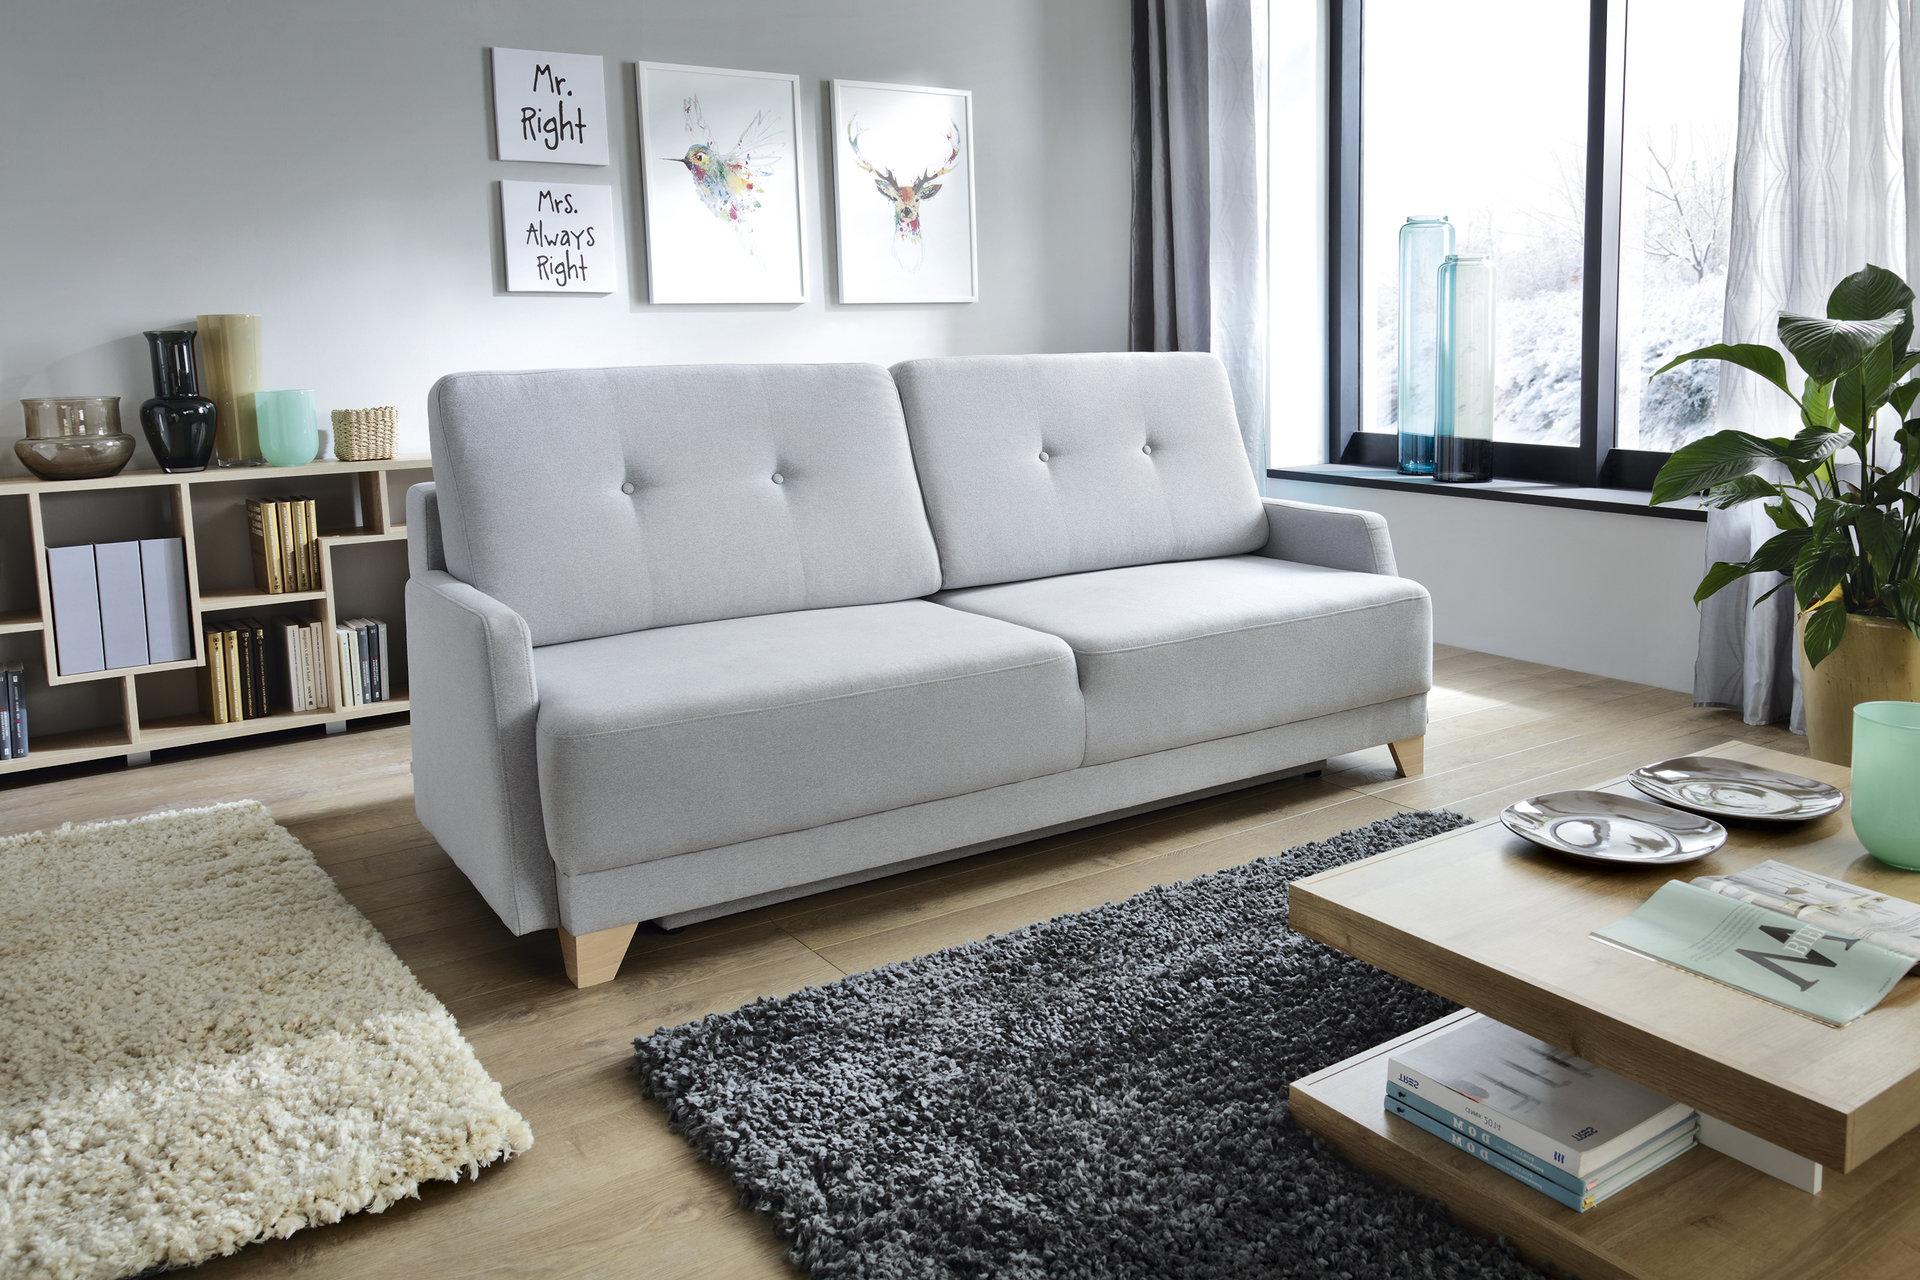 Wszystko, co musisz wiedzieć o urządzaniu salonu, żeby był przytulny i funkcjonalny